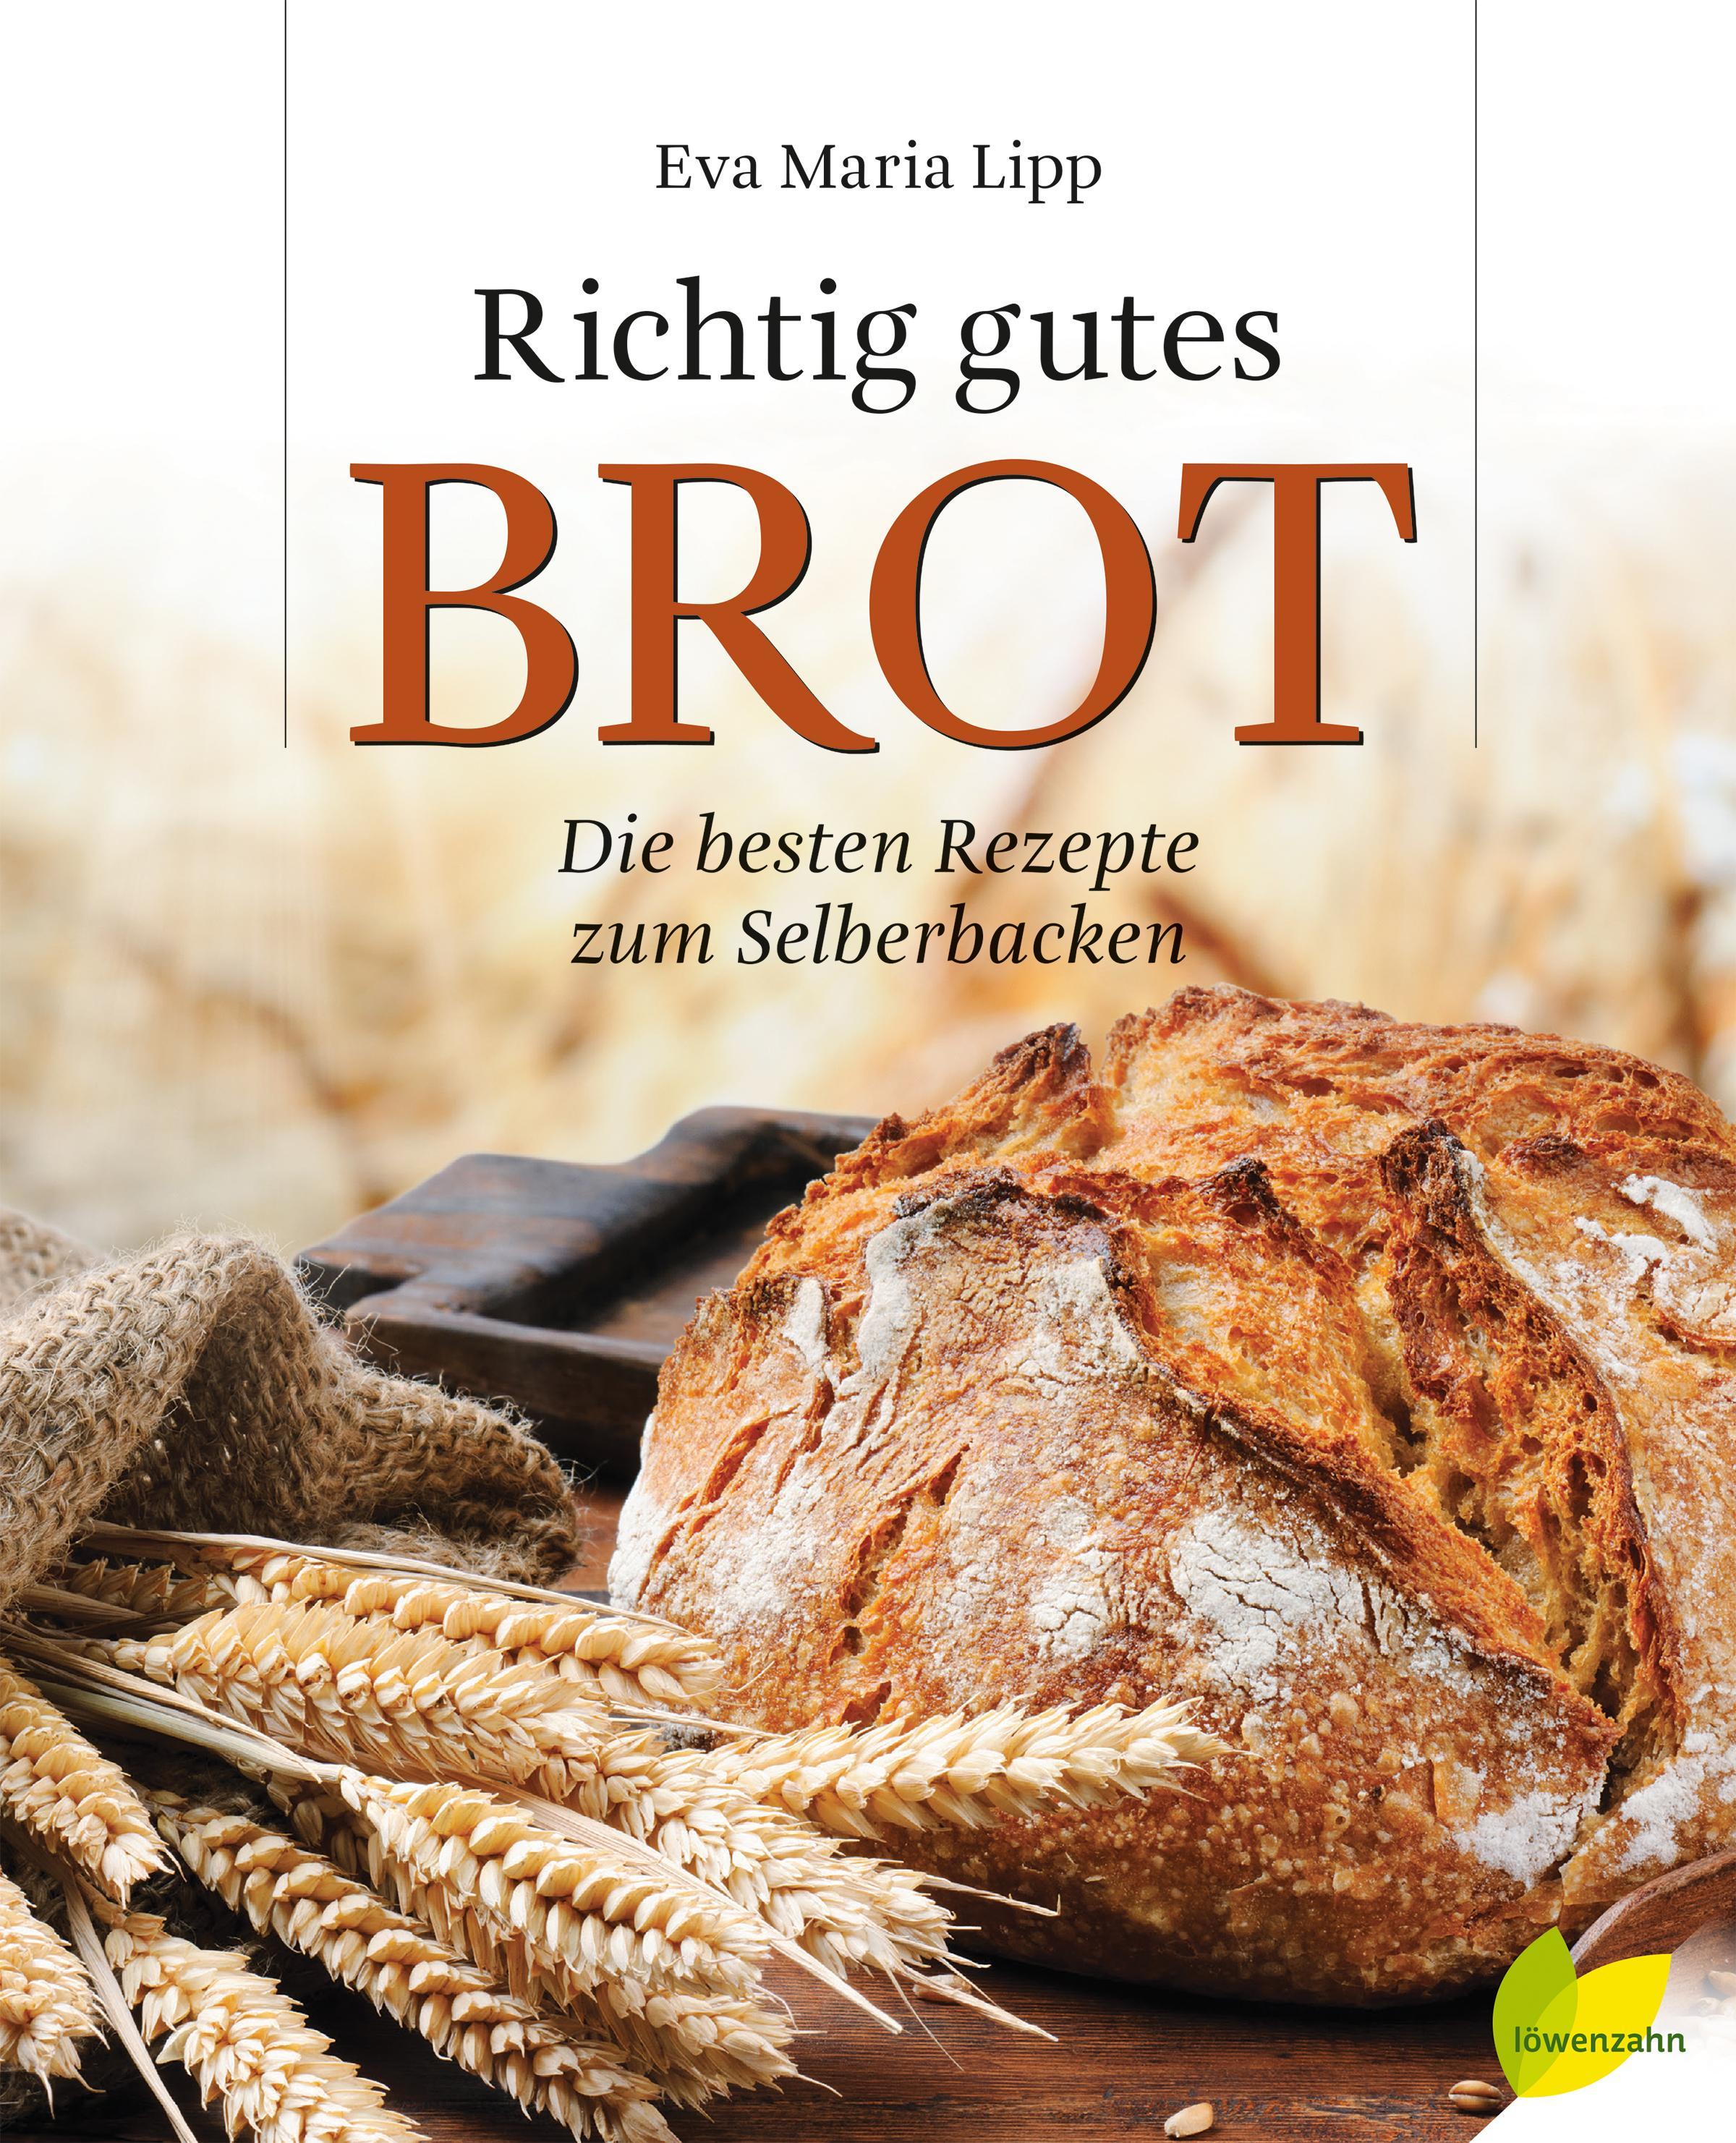 Richtig gutes Brot Die besten Rezepte zum Selberbacken Eva Maria Lipp Buch 2013